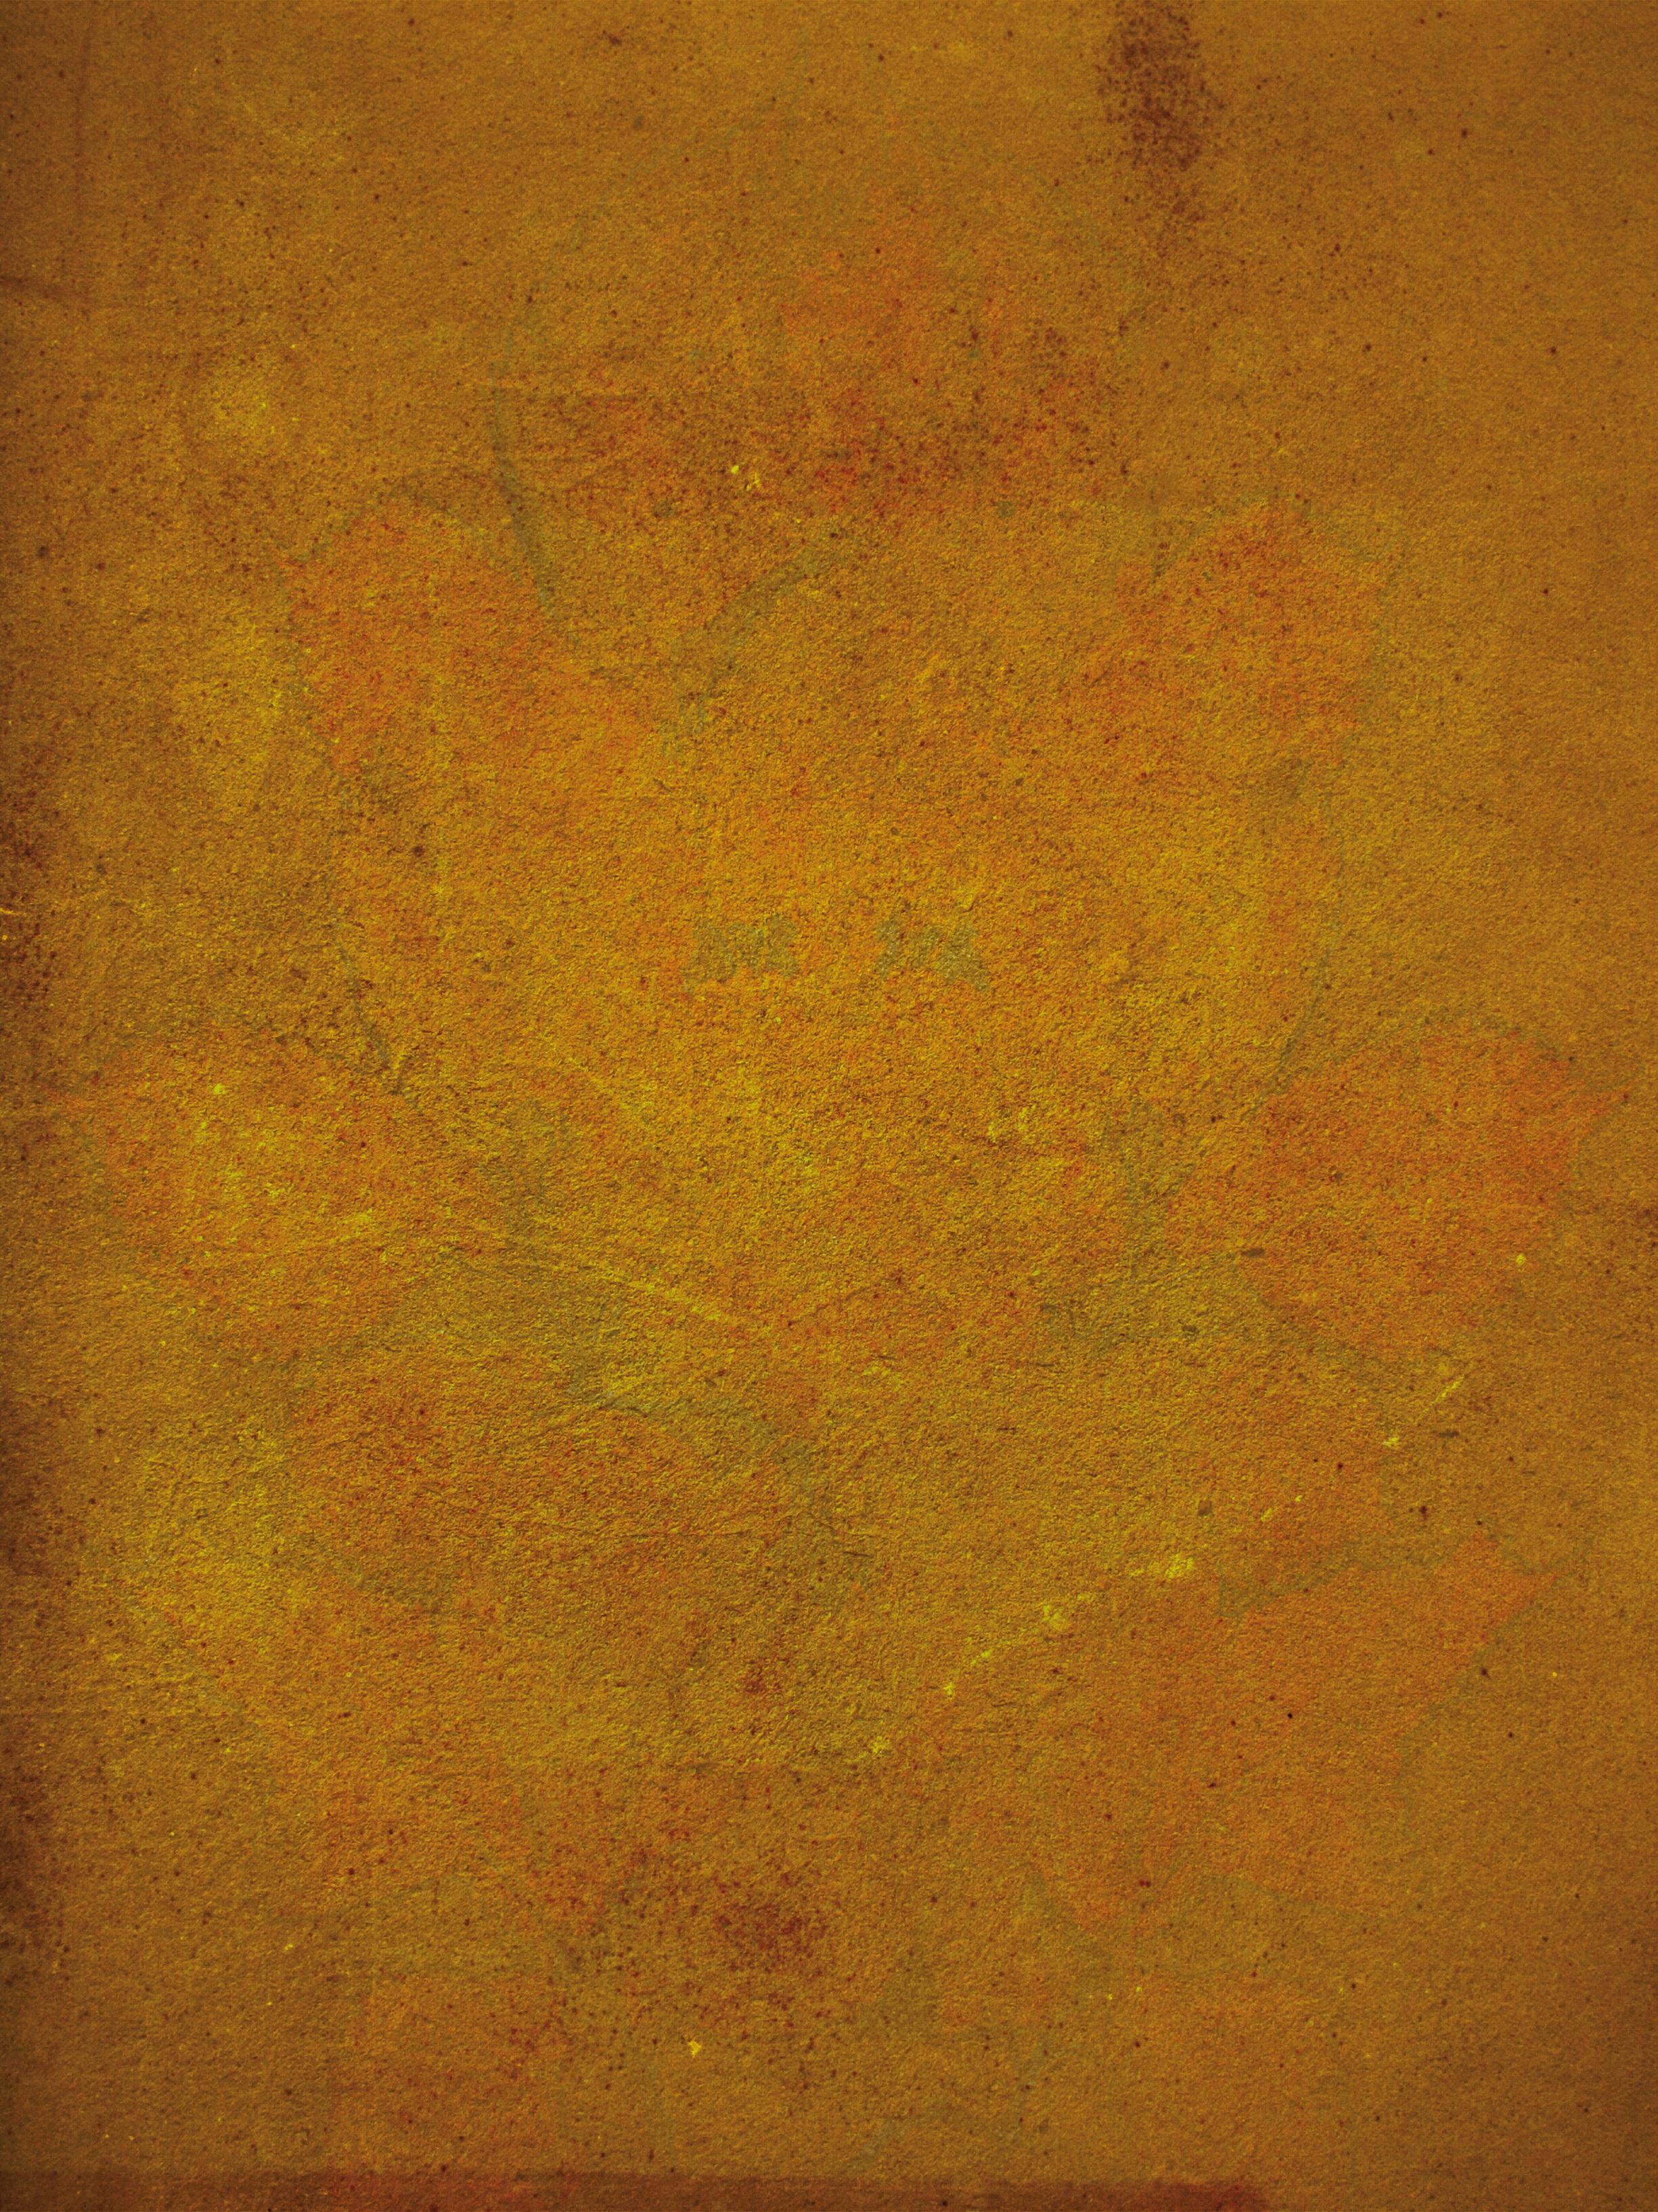 Images Gratuites : plante, bois, texture, sol, mur, Orange ...